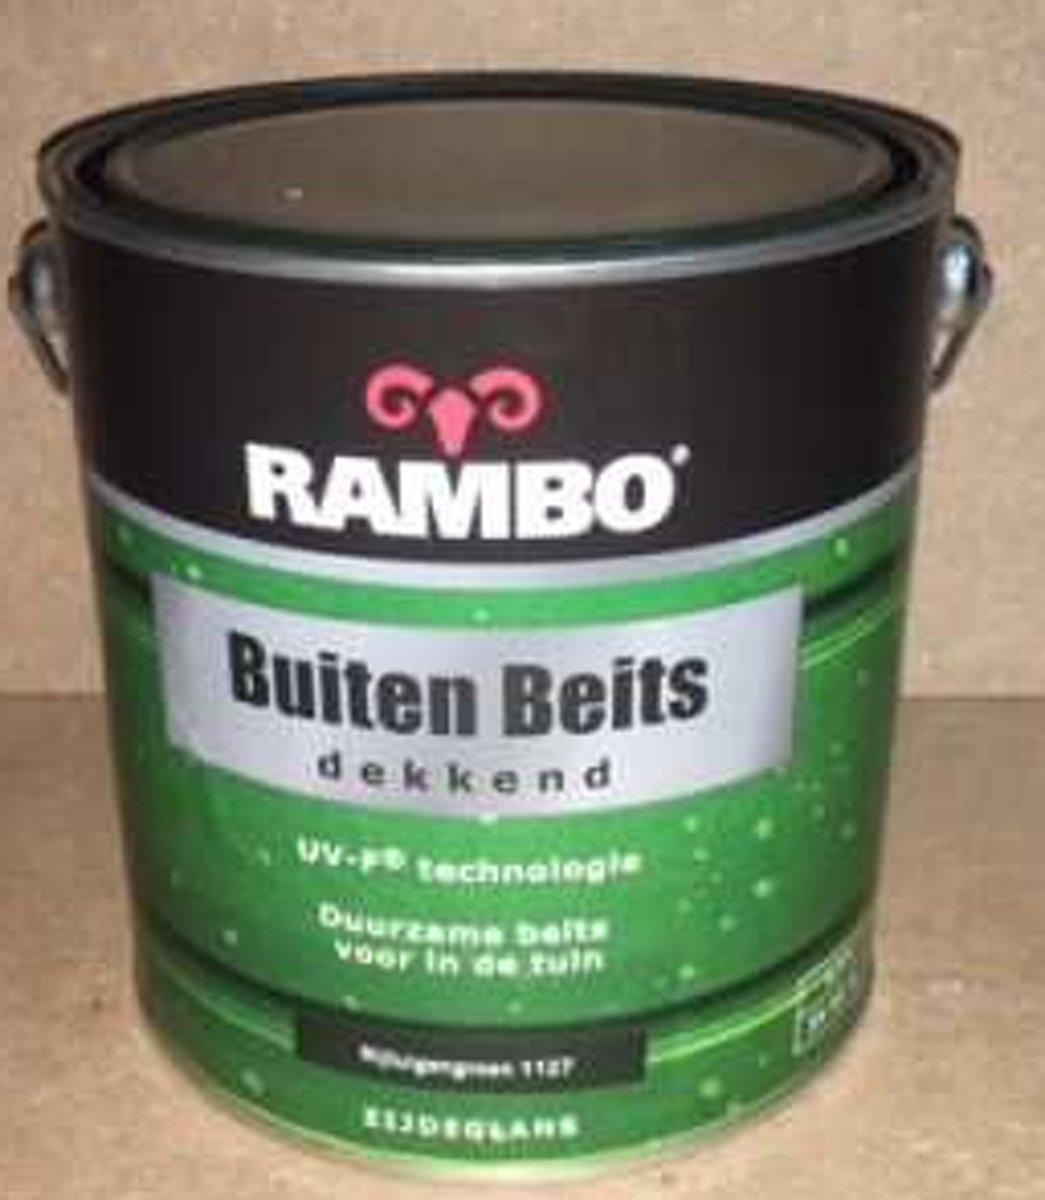 Rambo buitenbeits dekkend rijtuigengroen 1127 zijdeglans 2,5 l